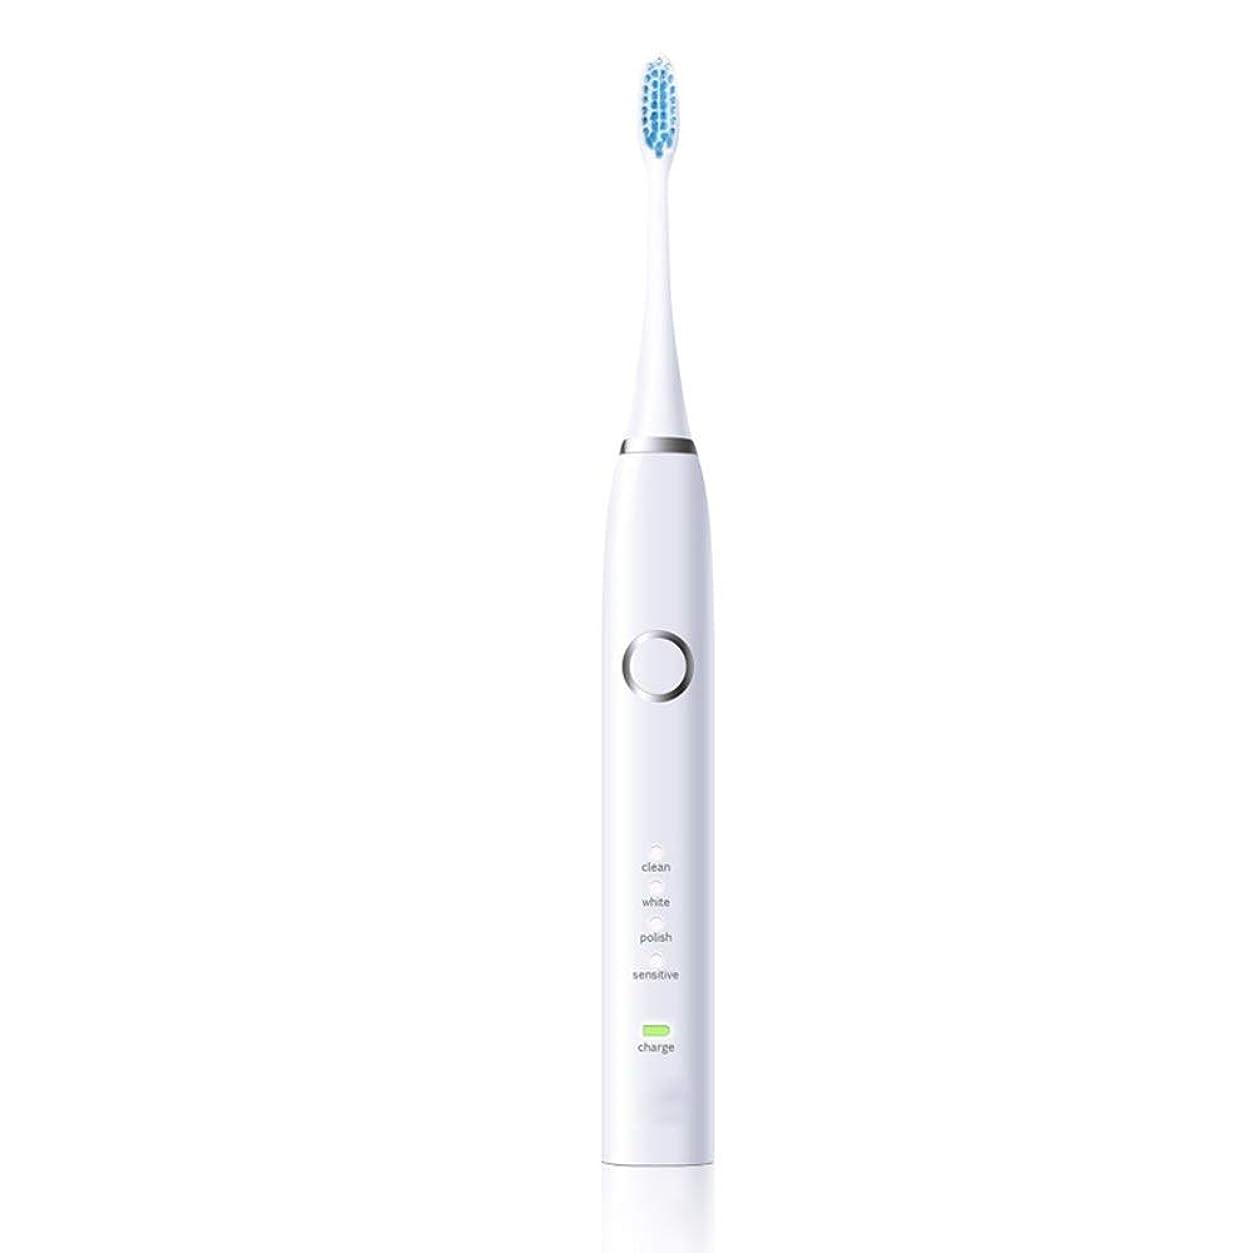 恵みに頼る安息電動歯ブラシ 電動歯ブラシUSB充電式保護クリーン歯ブラシ ケアー プロテクトクリーン (色 : 白, サイズ : Free size)